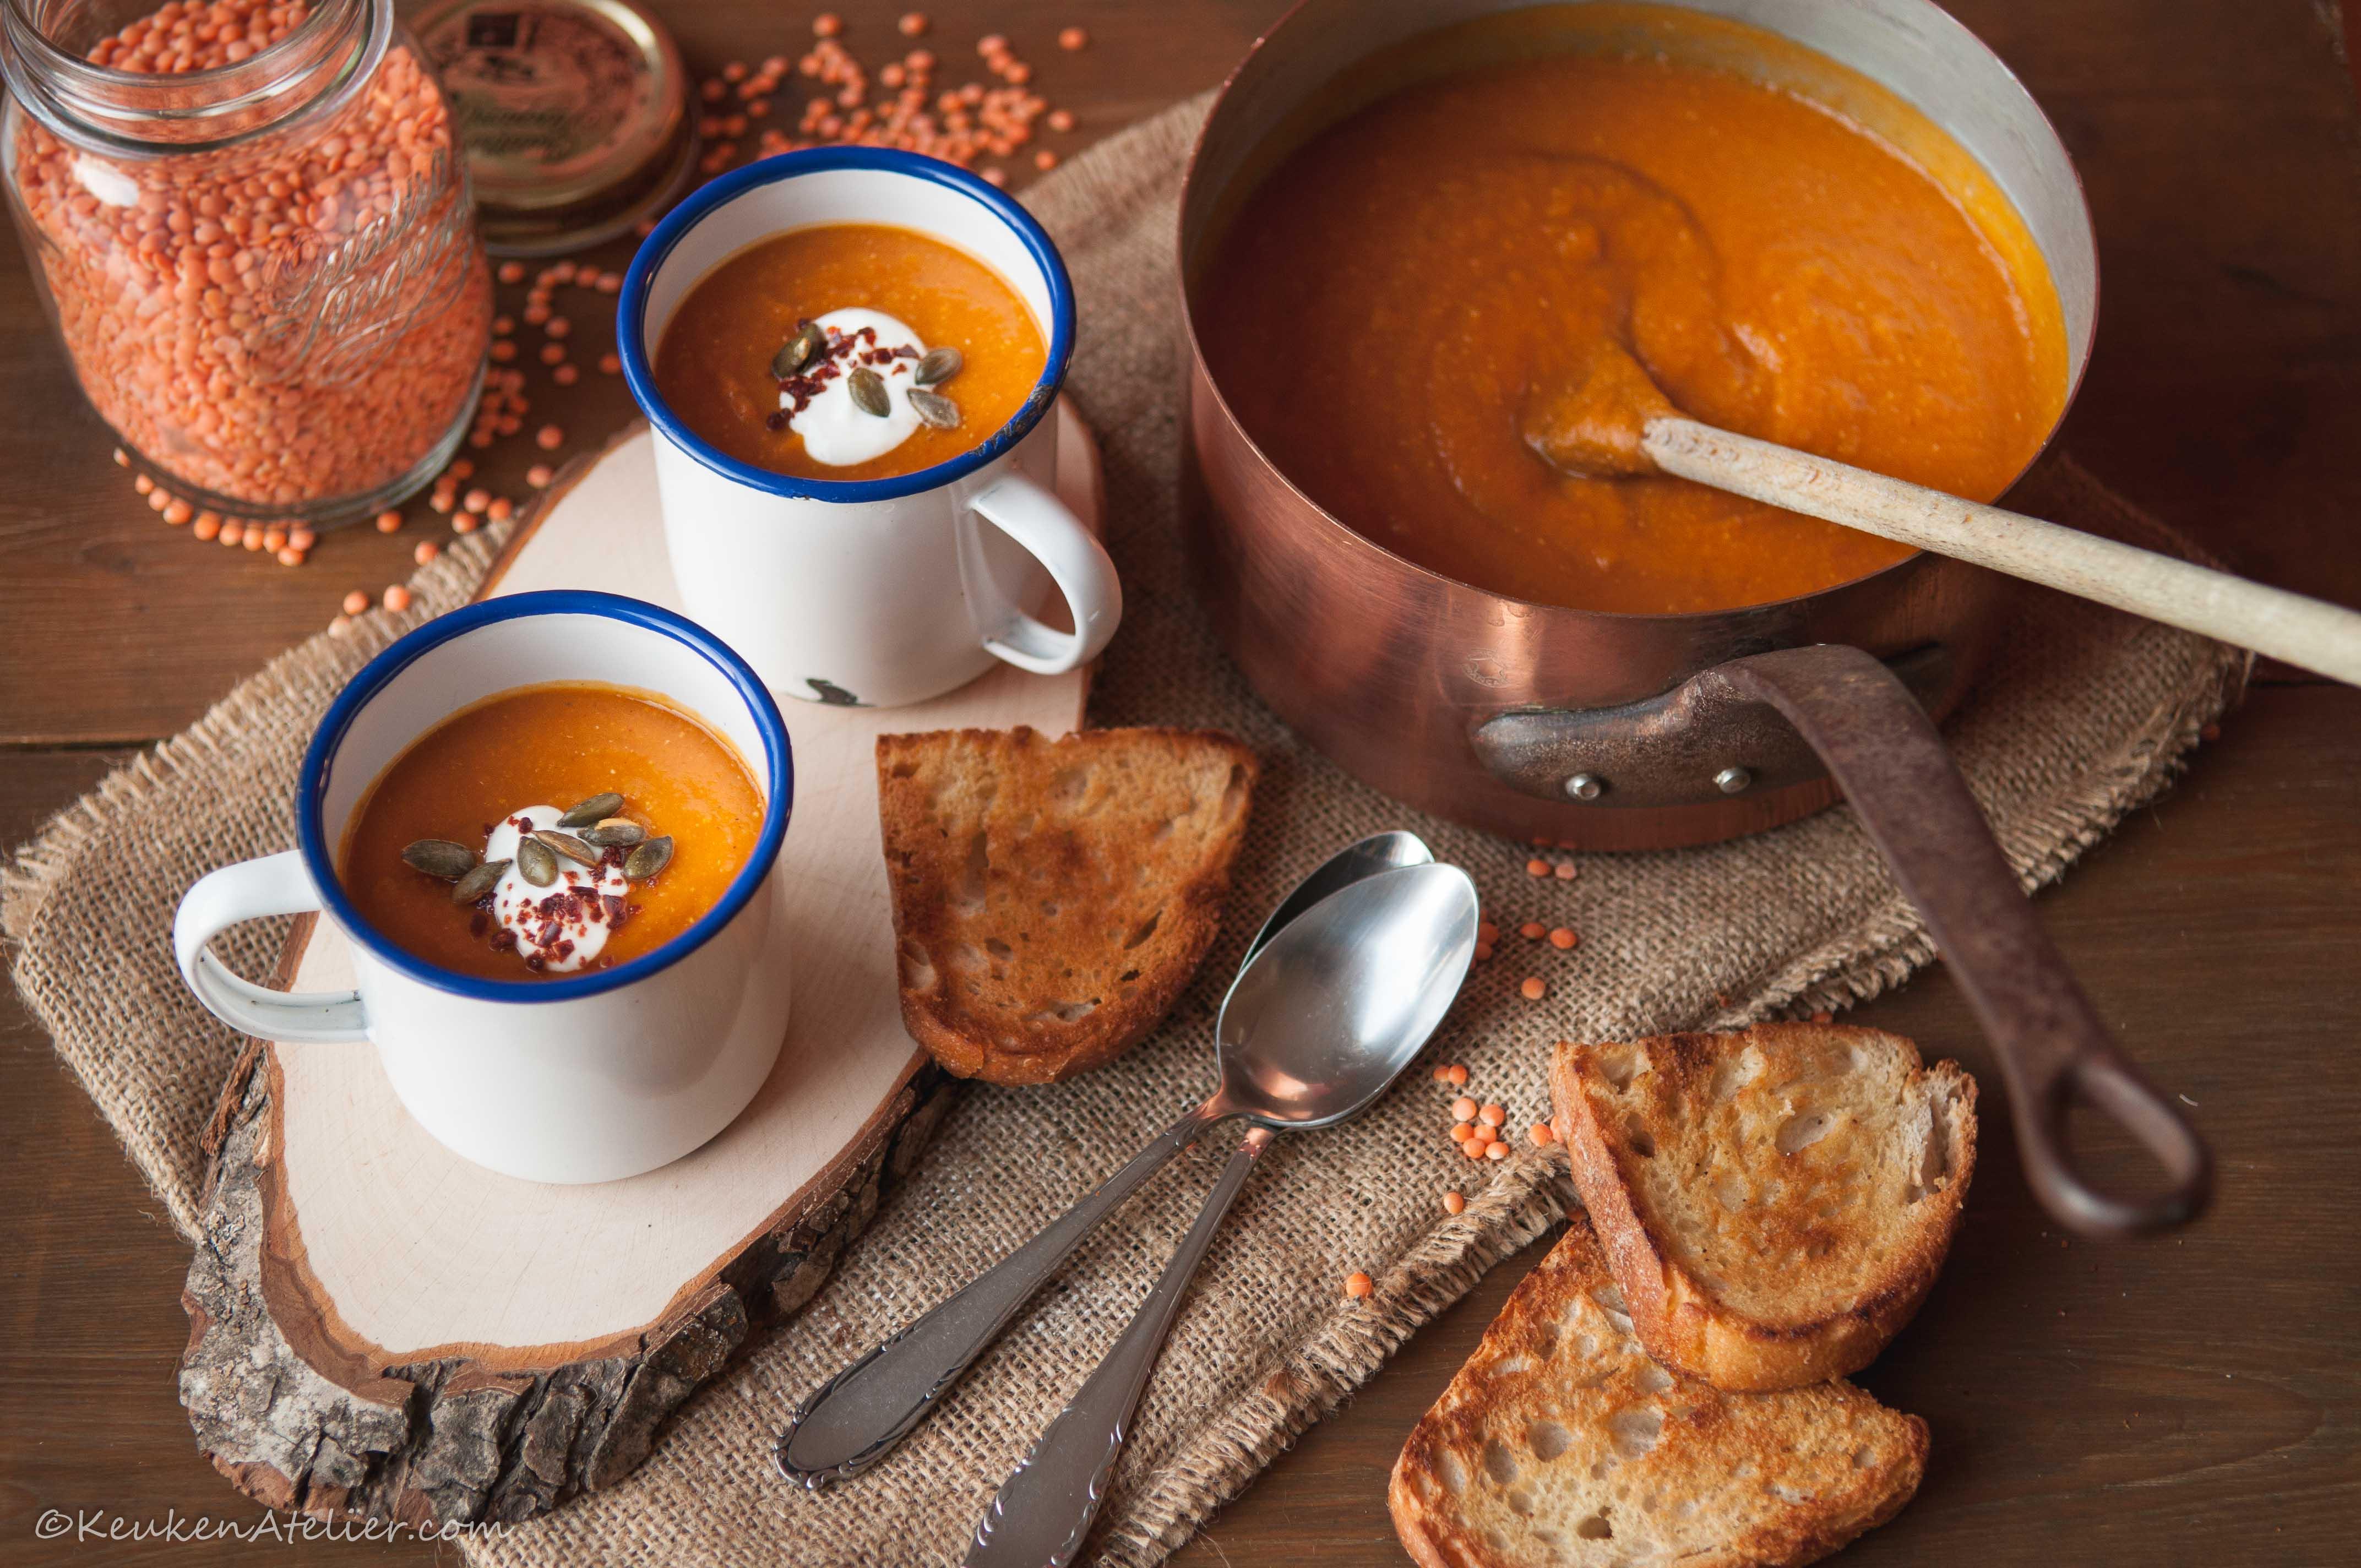 Rode linzensoep met zoete aardappel (1) | KeukenAtelier.com